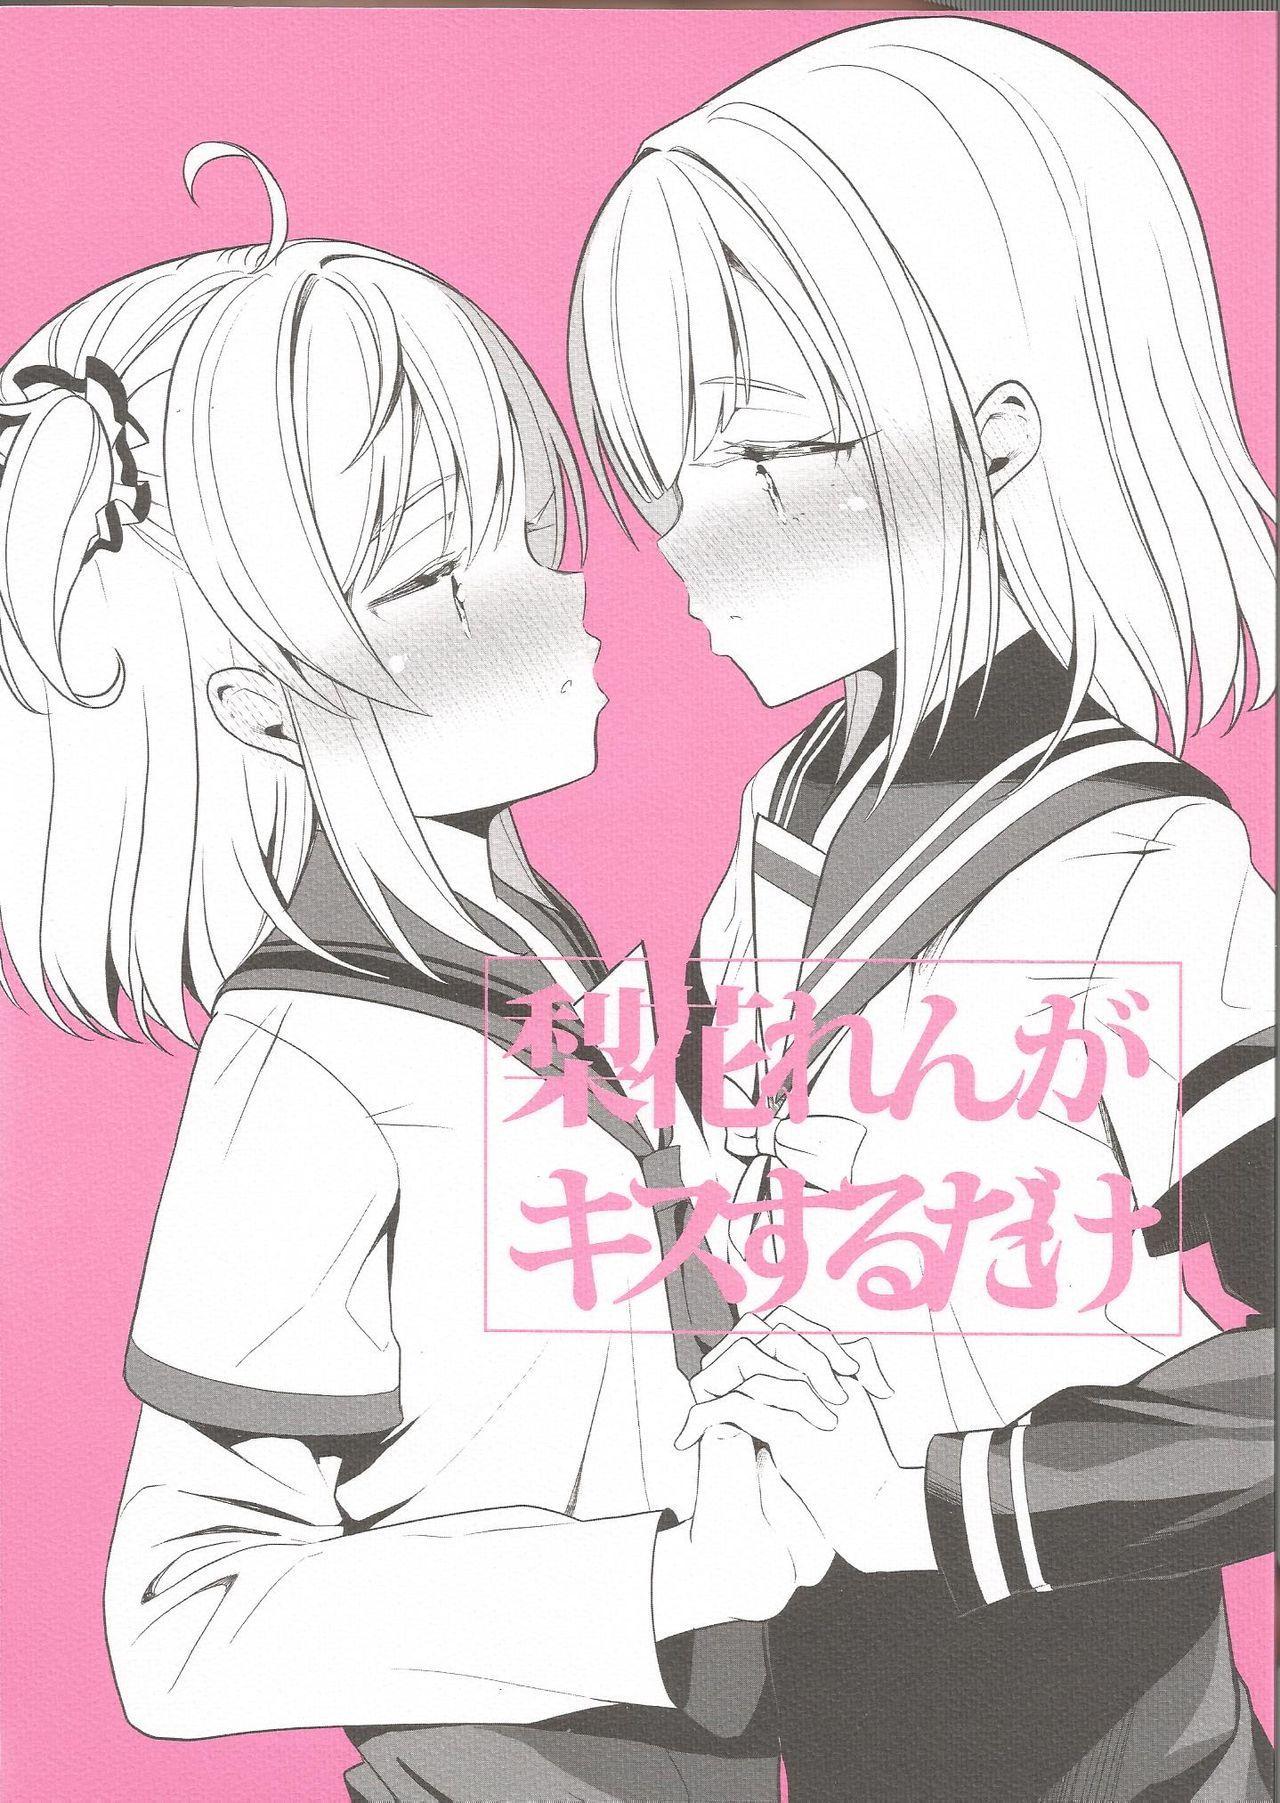 Rika Ren ga Kiss Suru dake 0